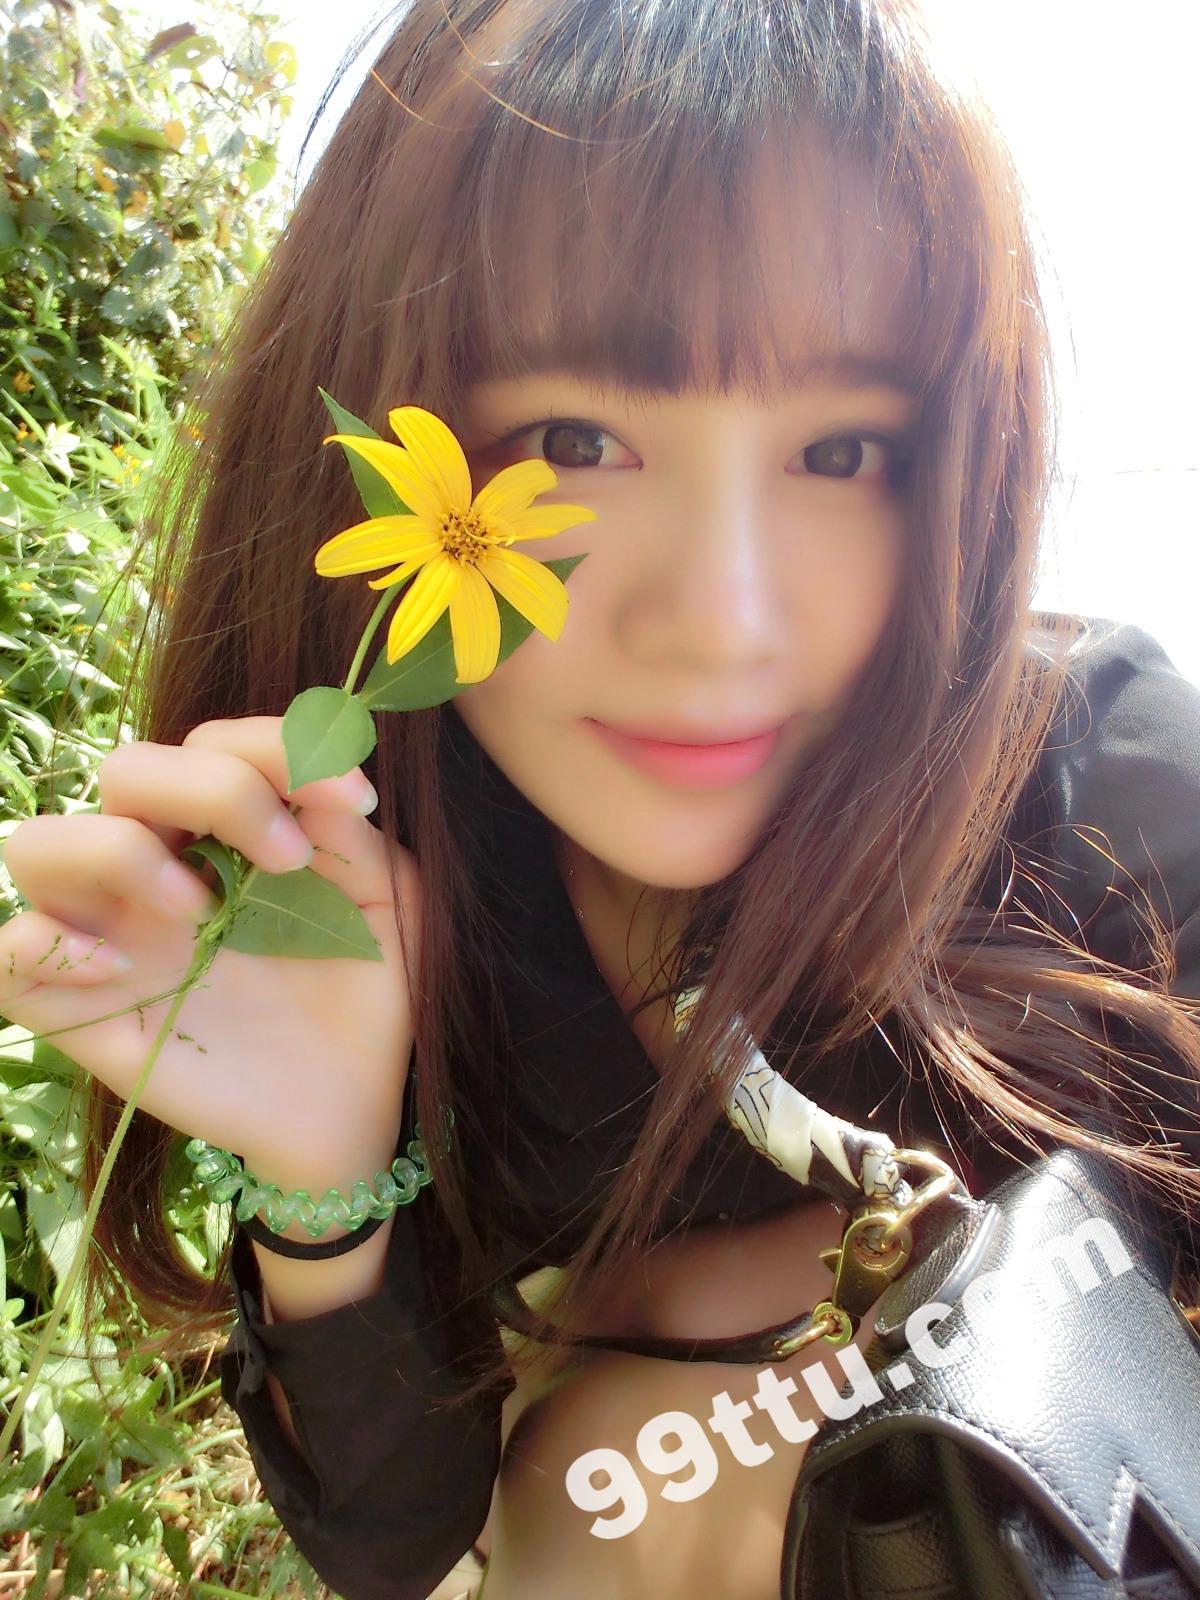 KK90_1390图+6视频 美女靓丽青春素材生活照-12